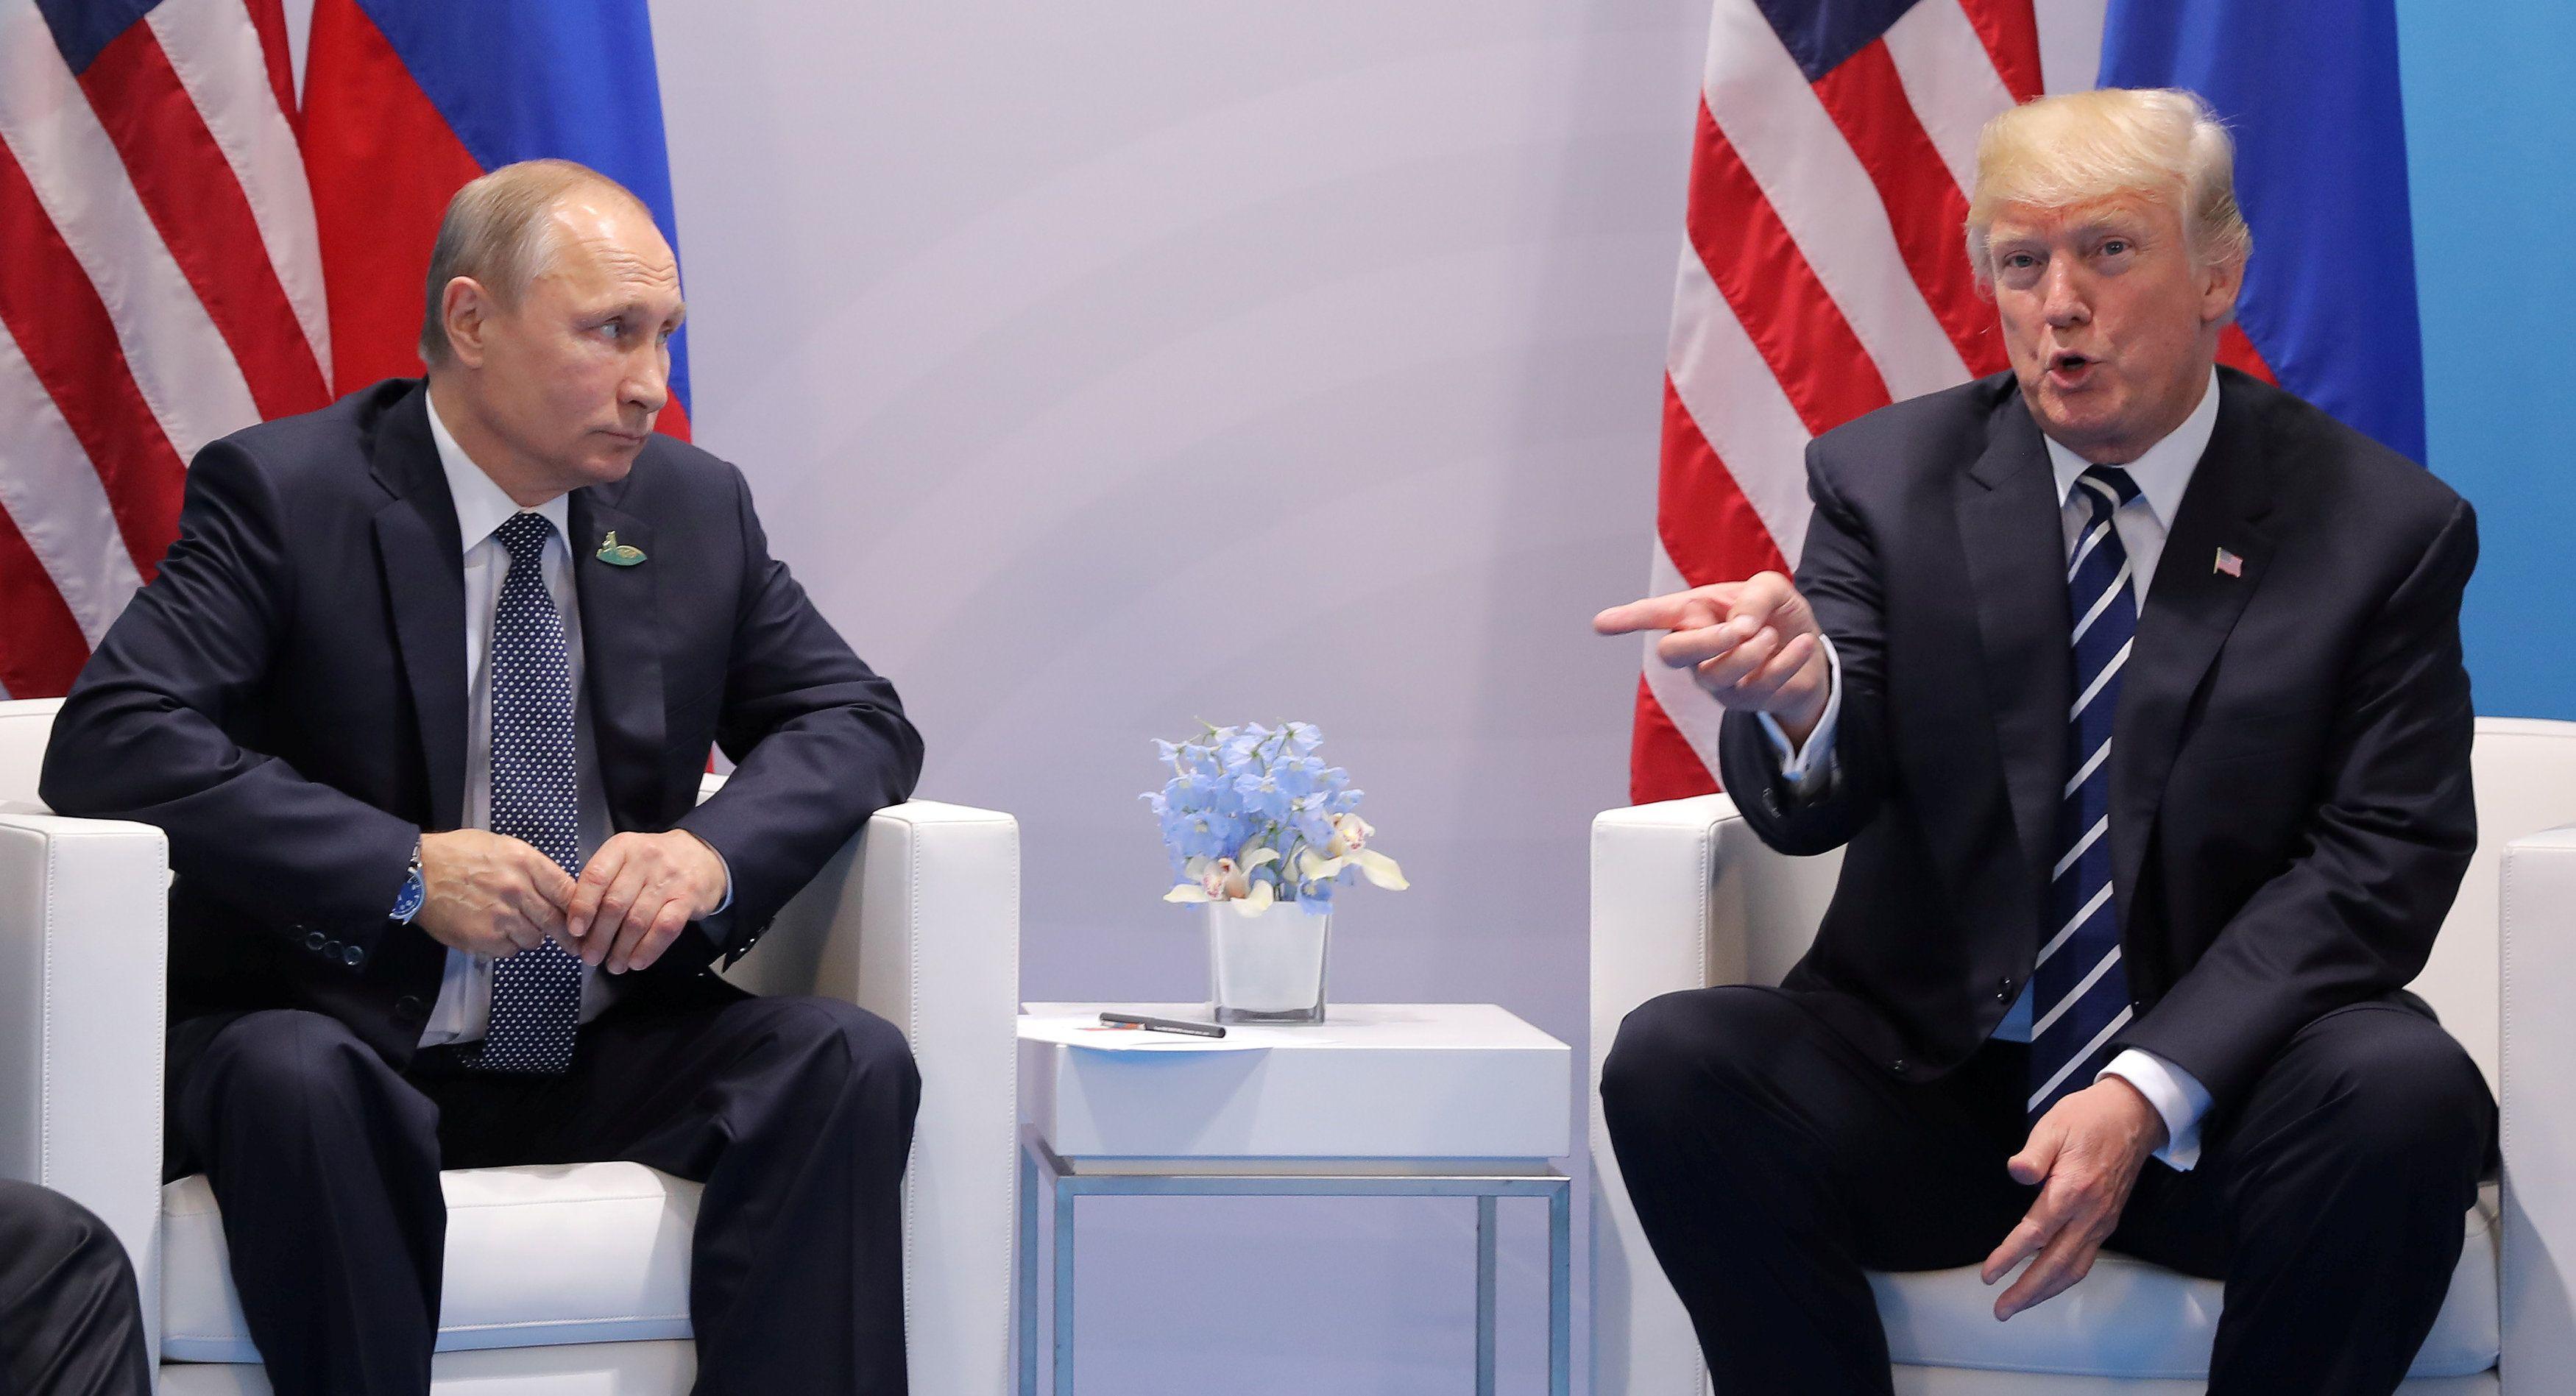 ТРамп и Путин поговорили об Украине